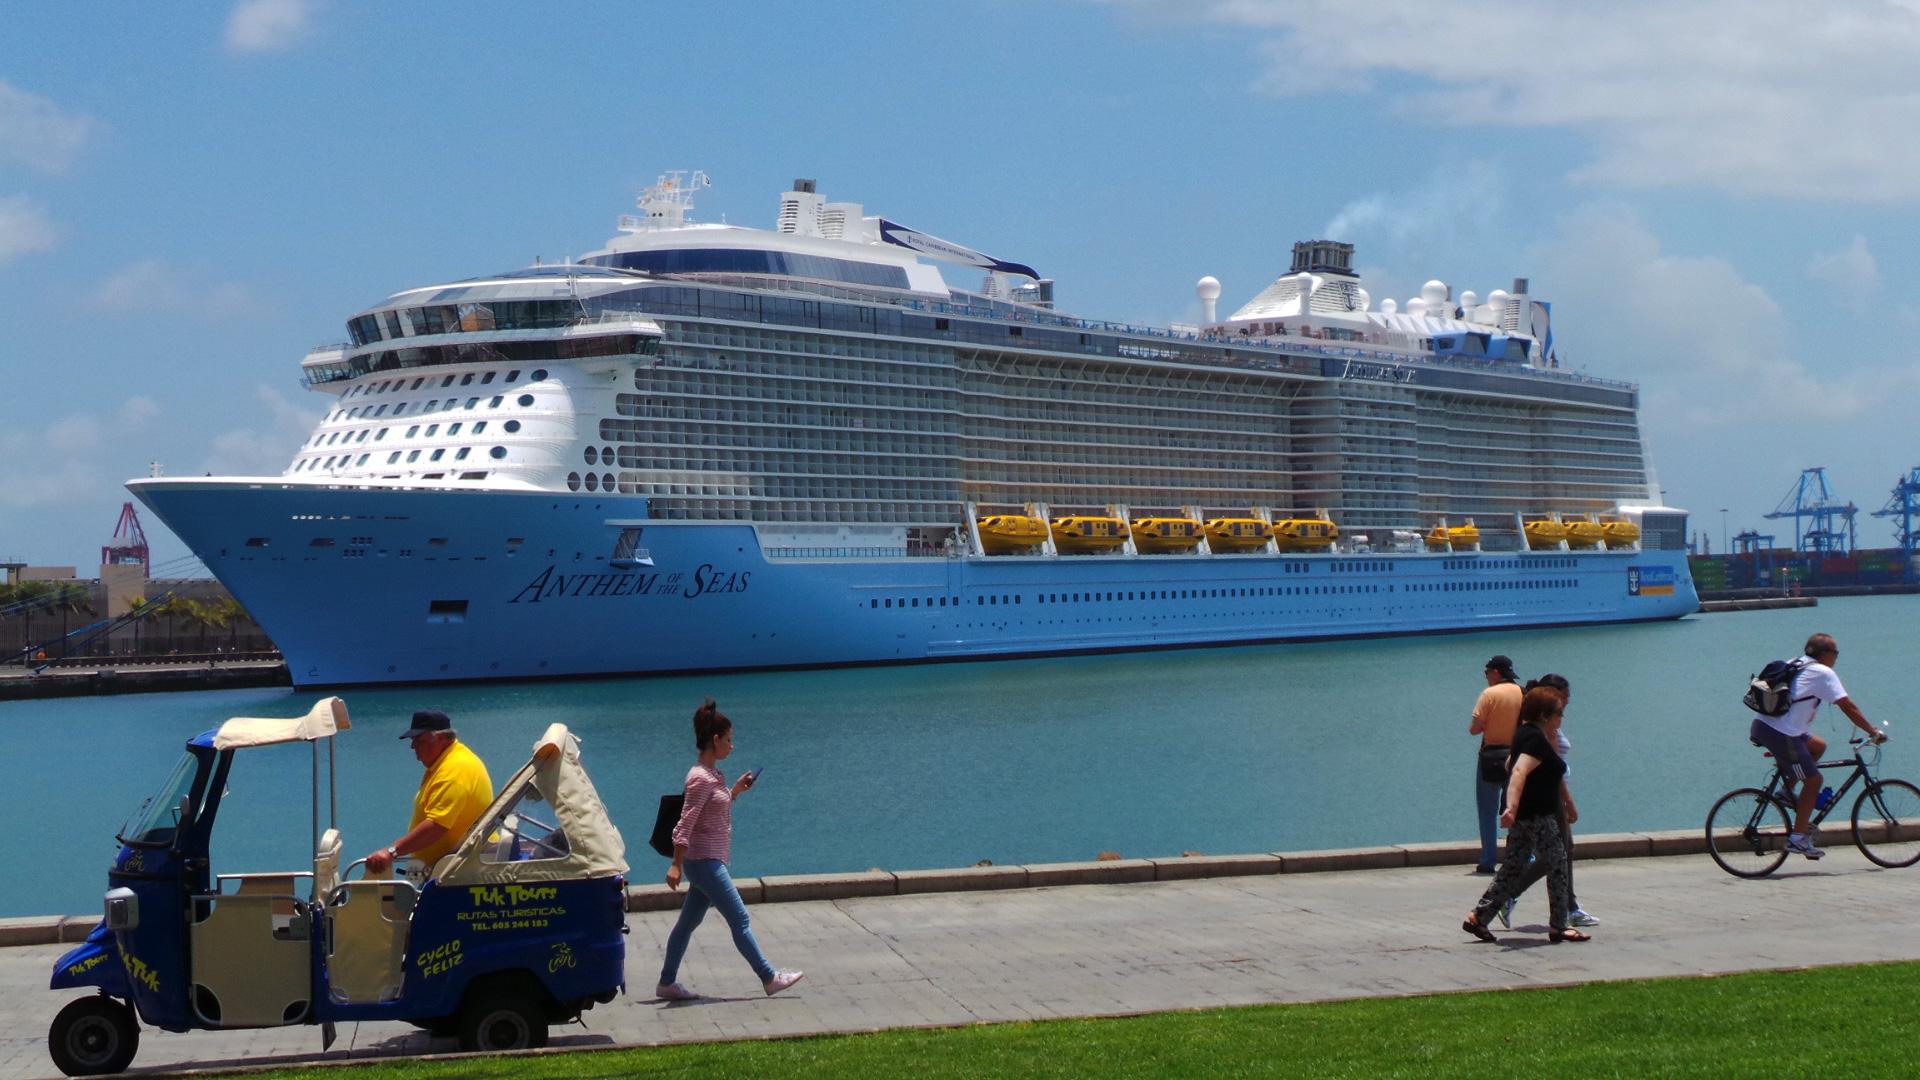 Los Puertos de Las Palmas se consolidan como líderes en turismo de cruceros en la ruta de las Islas Atlánticas